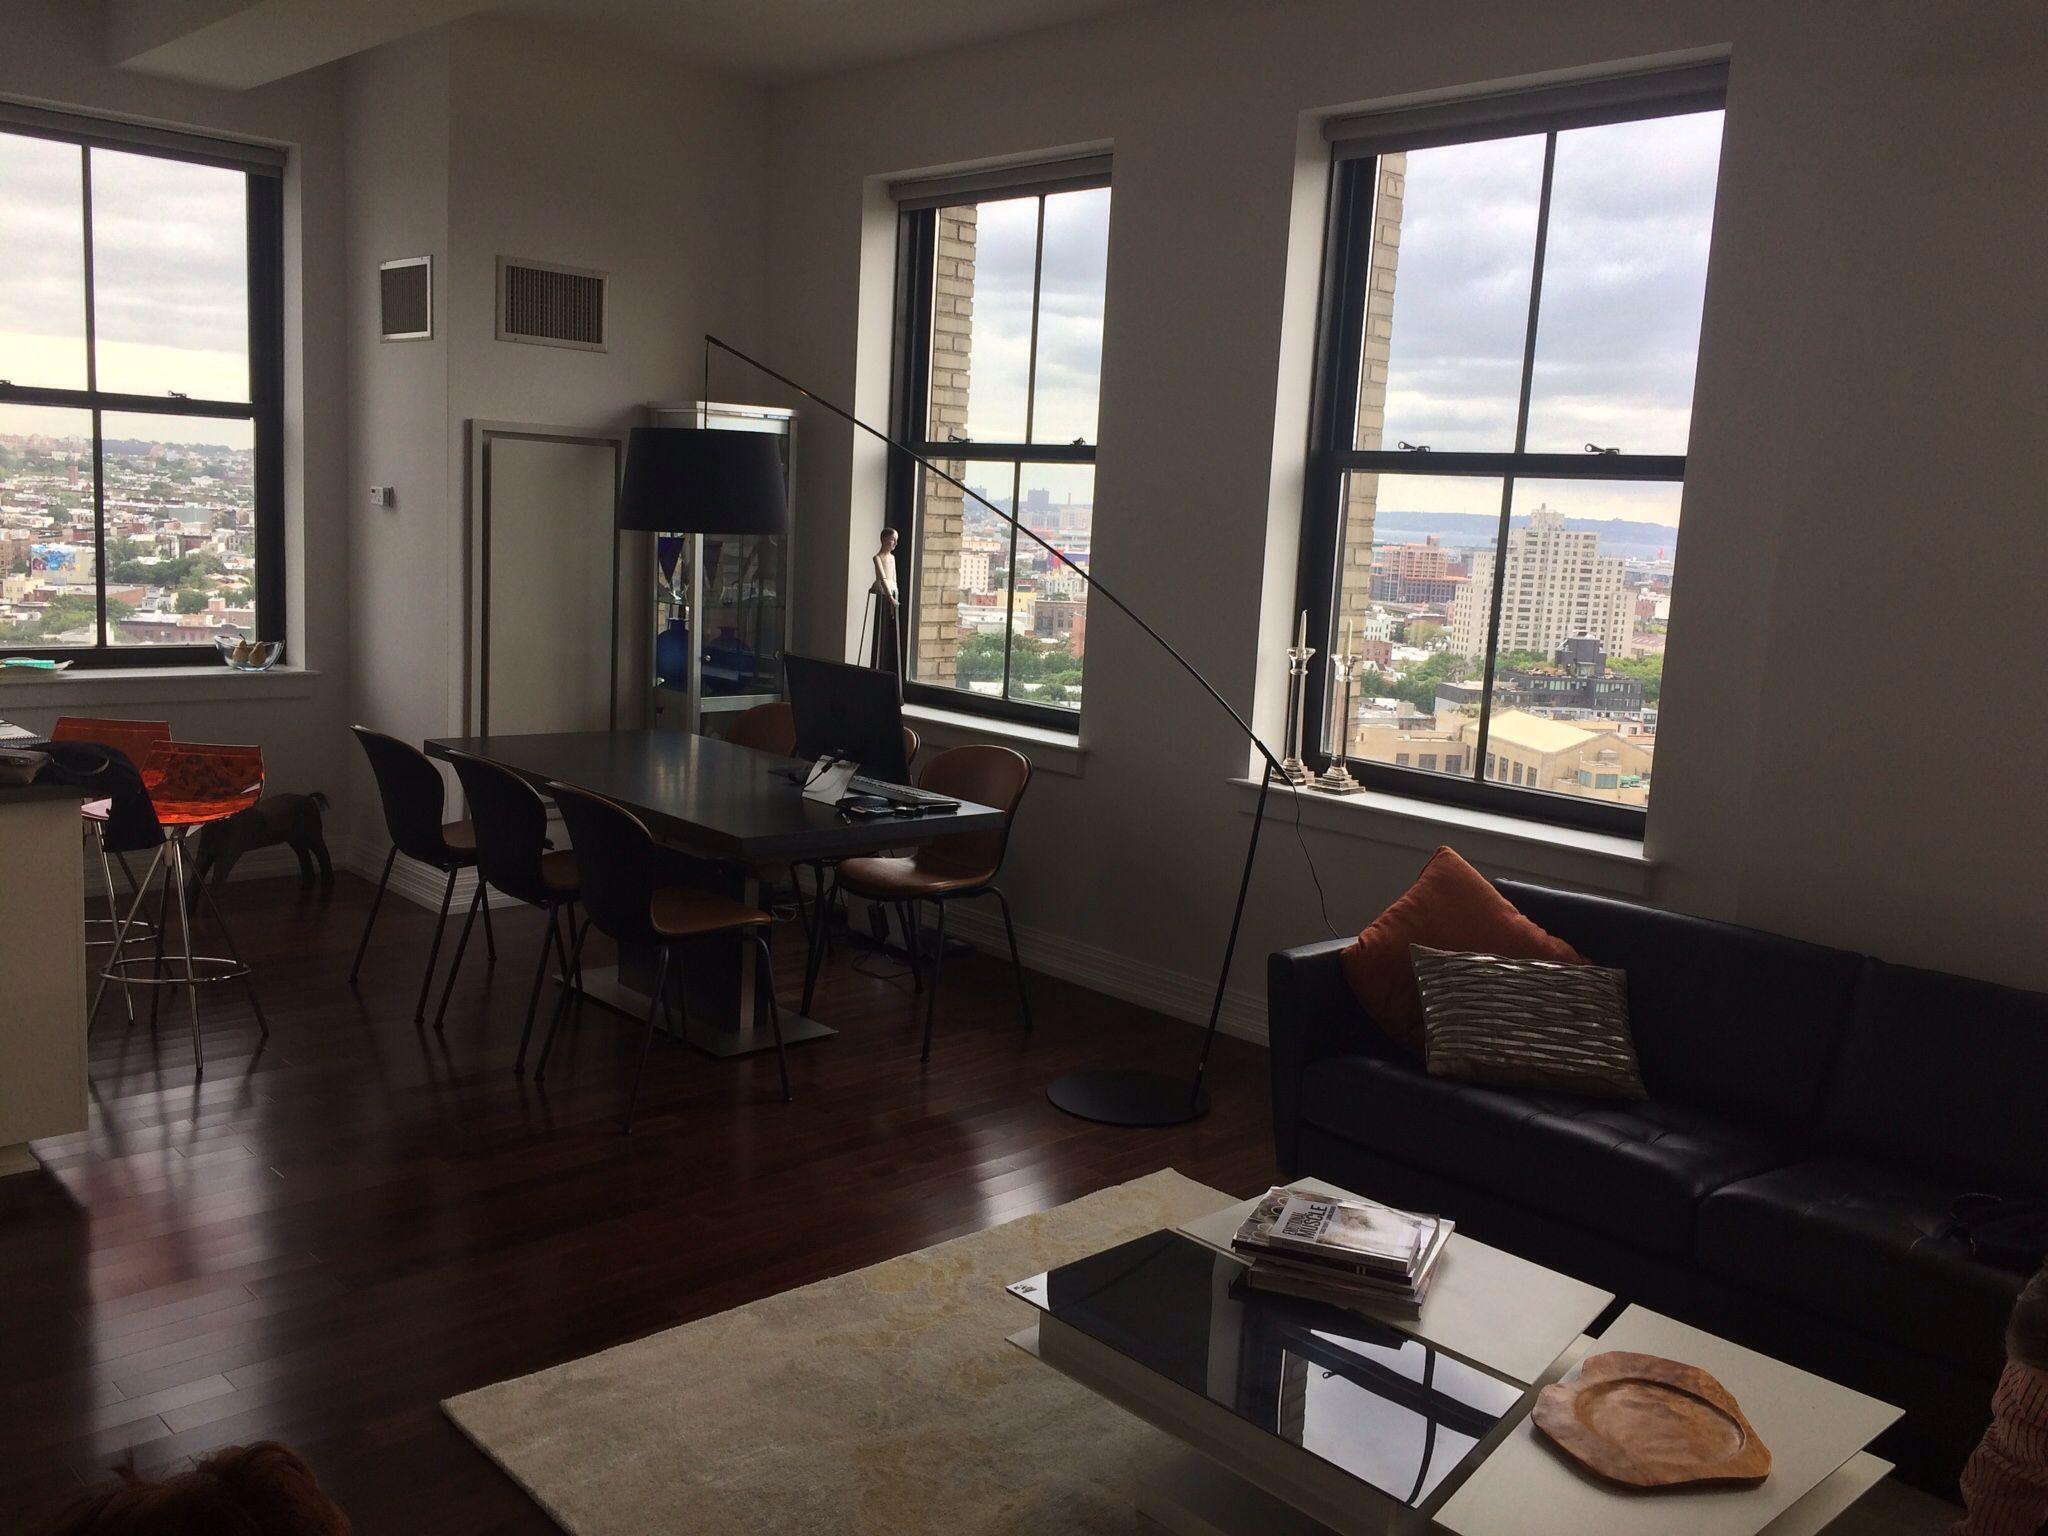 Contemporary Condo In Brooklyn Boconcept Bari Table